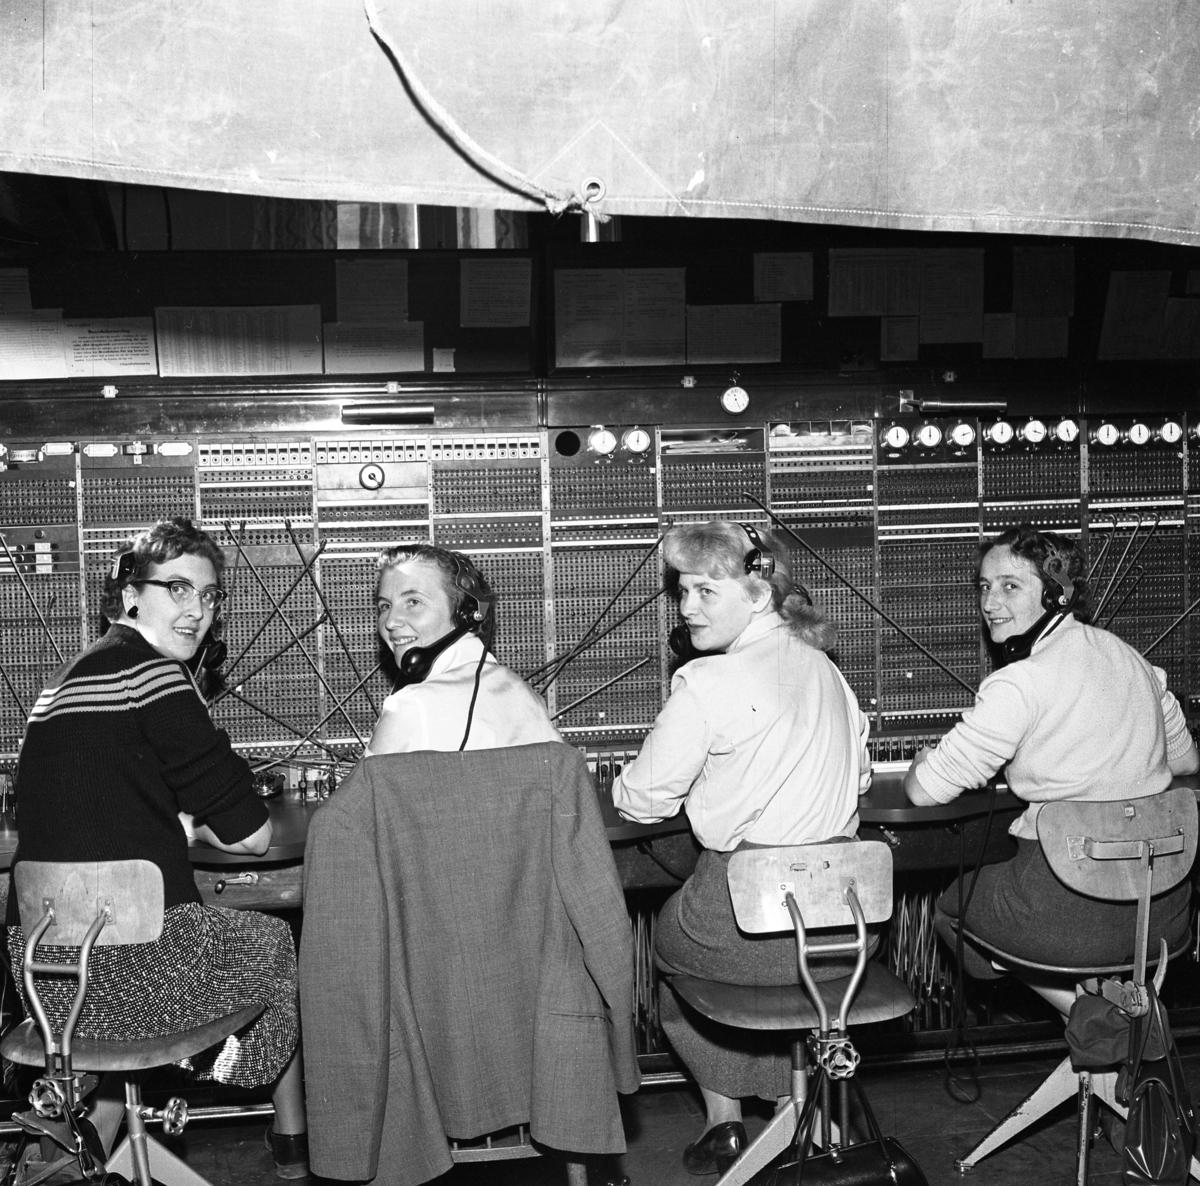 Det har brunnit i Televerkets hus på Nygatan. Trots brandskadorna fortsätter kvinnorna sitt arbete vid växelborden. Här sitter fyra växeltelefonister med var sin telefonlur vid örat. En presenning är spänd över arbetsplatsen. Läs om Telefonen i Arboga och branden på Televerket 1956 i Arboga Minnes årsbok 1993.